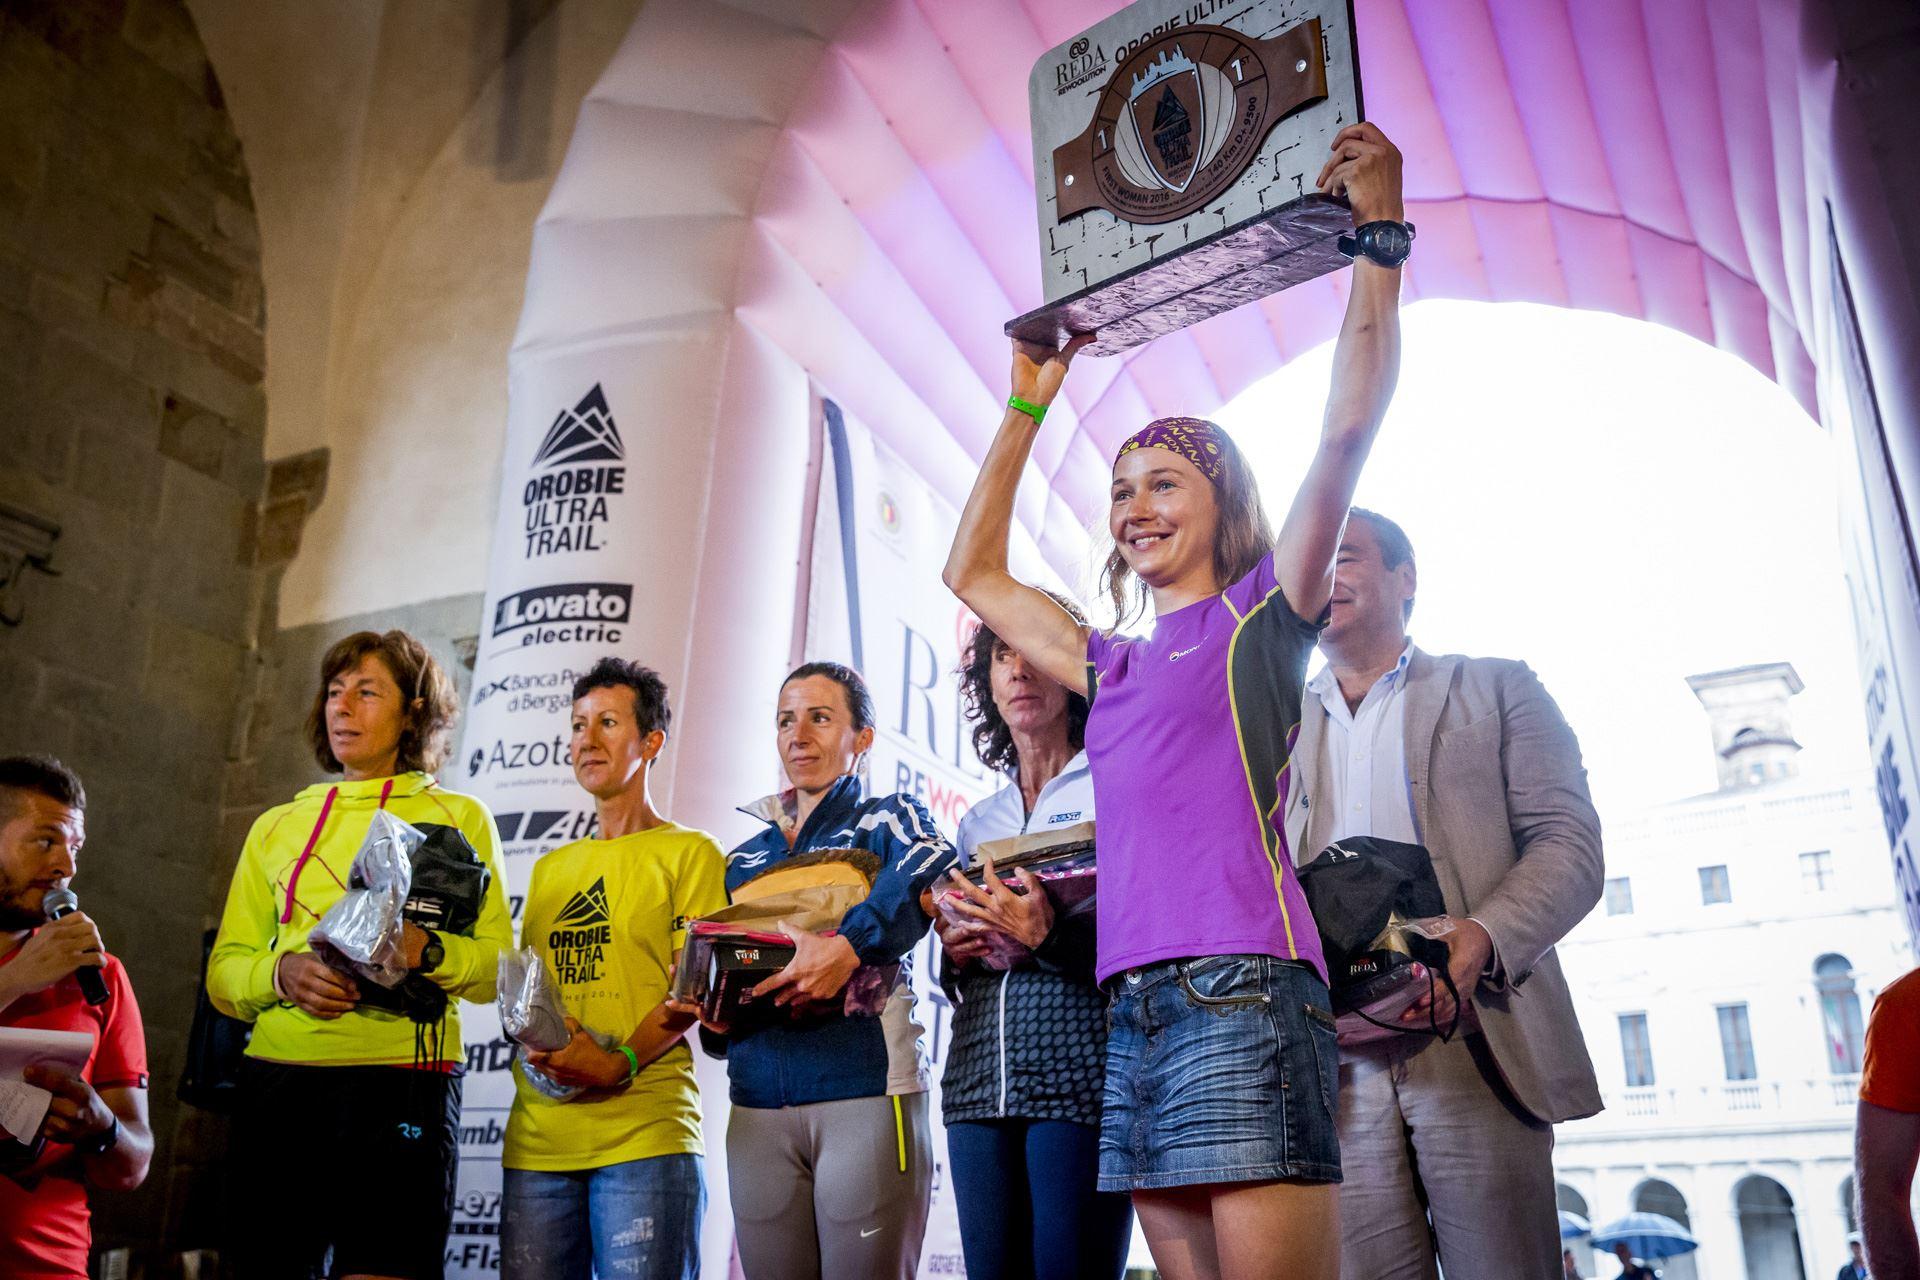 Expresky z hôr 22 - Petra Mücková, víťazka Orobie Ultra-Trail 2016, zdroj: facebok fanpage Orobie Ultra-Trail